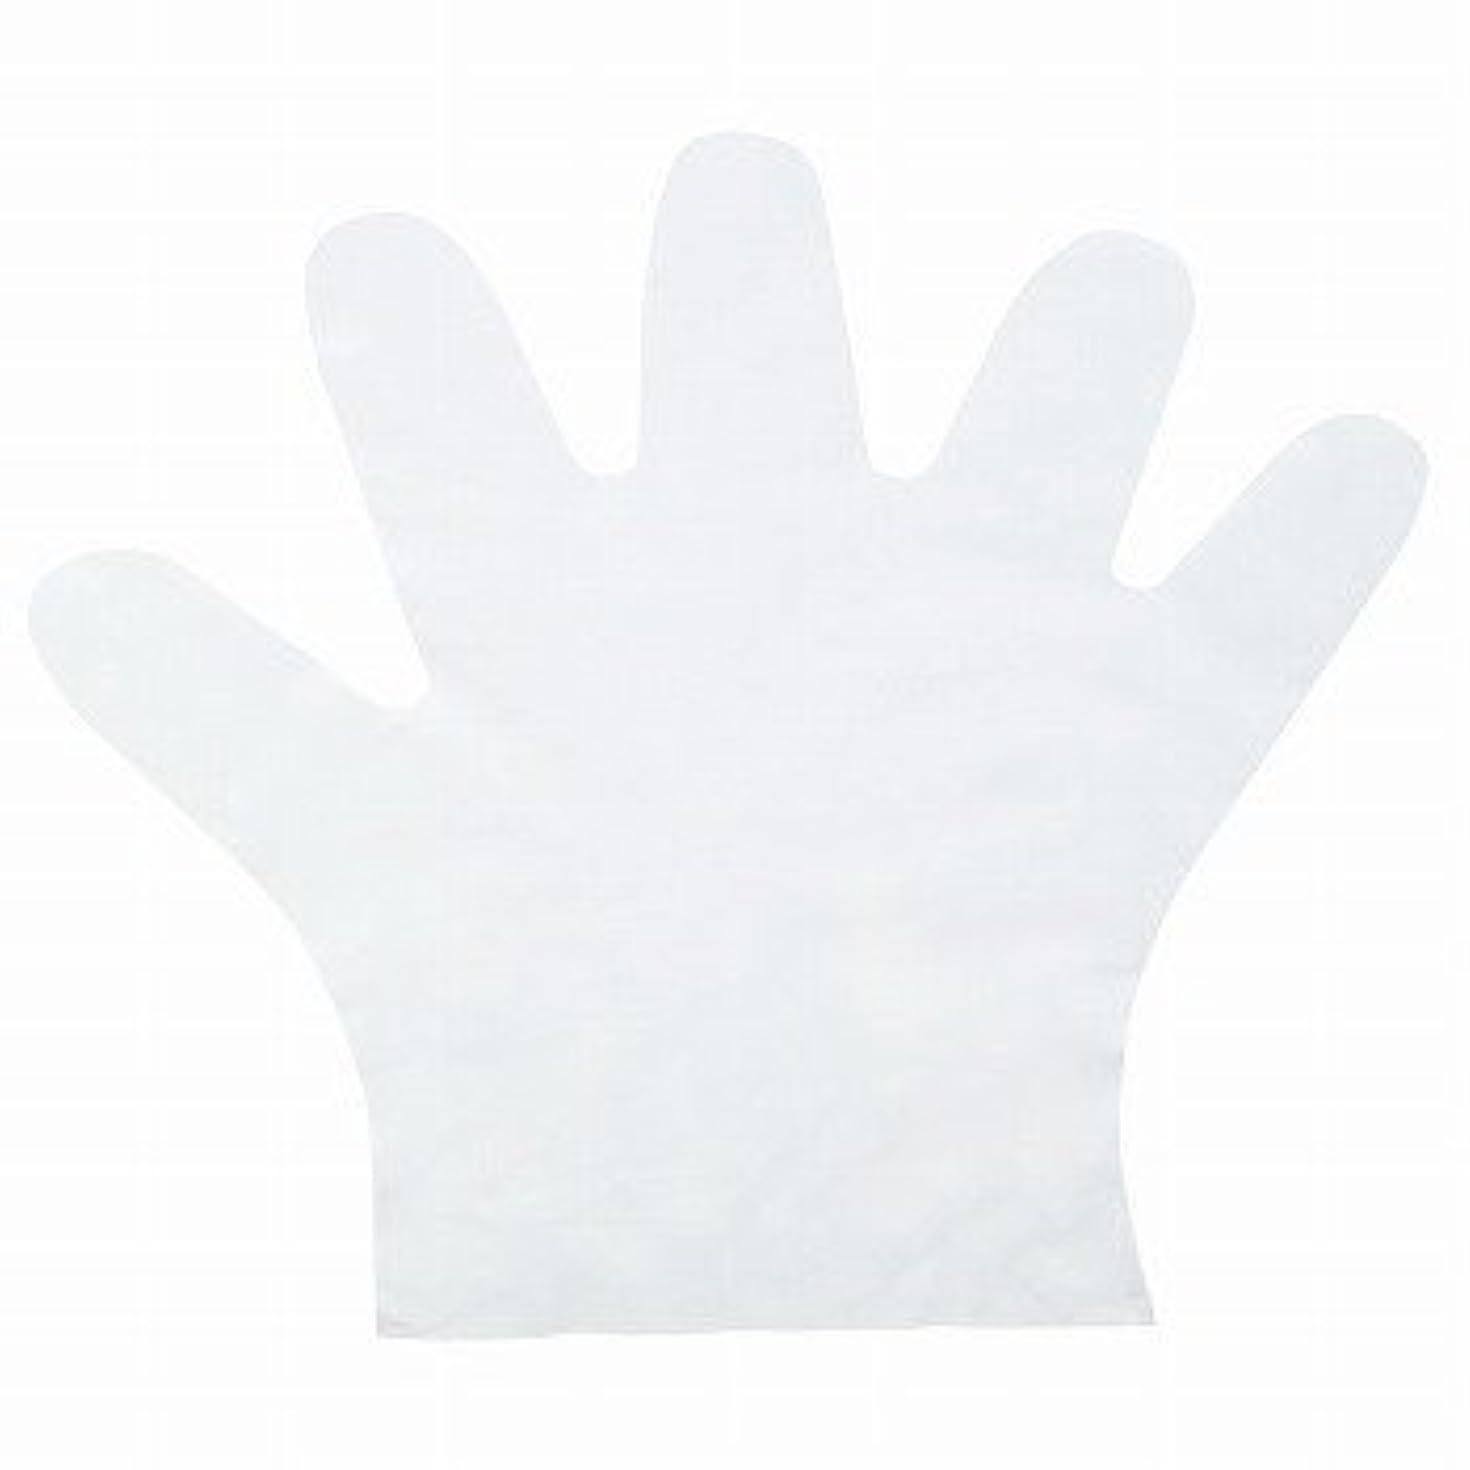 アナリスト吐き出すかごおたふく手袋/ポリエチディスポ(LD) 100枚入×50セット[総数5000枚]/品番:248 サイズ:L